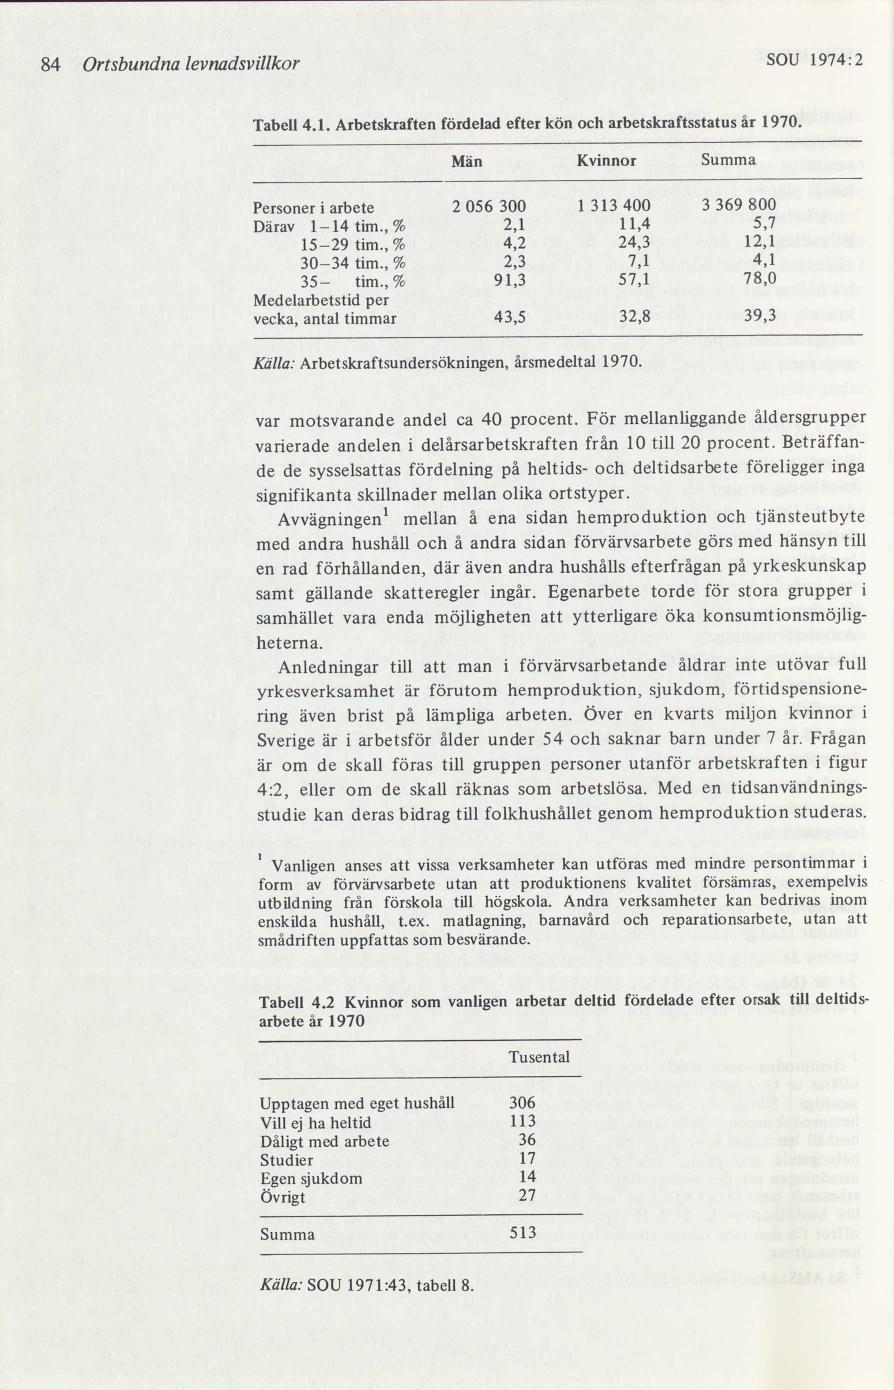 Stockholmarna tog avsked av lv 3